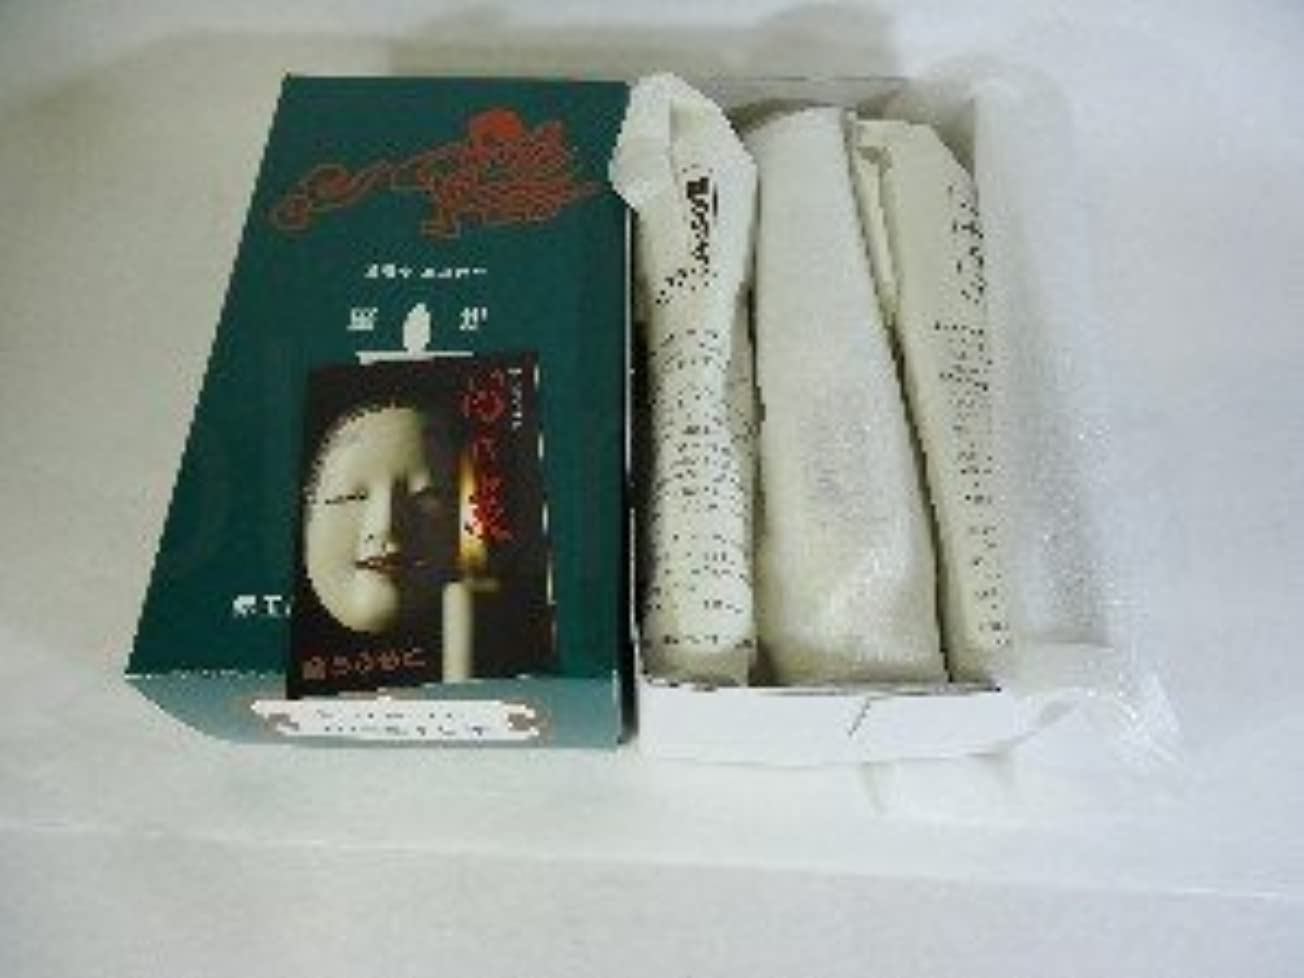 ミント受け取るスリップシューズ和ろうそく 型和蝋燭 ローソク イカリ 20号 白 6本入り 約17センチ 約3時間30分燃焼